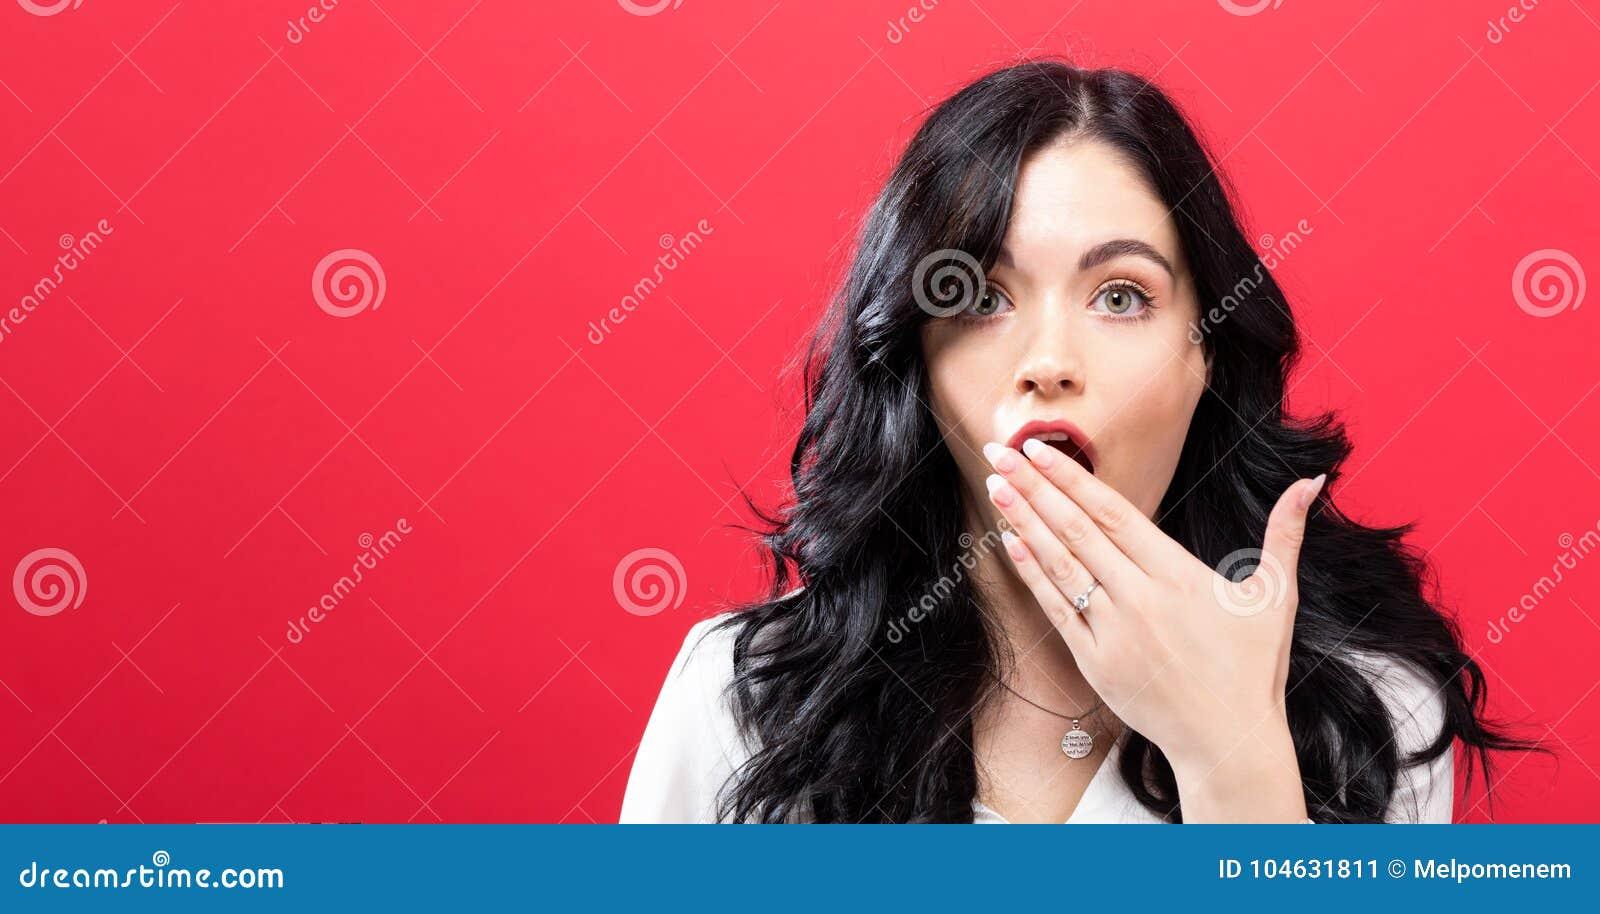 Download Jonge Vrouw Die Haar Mond Behandelt Stock Afbeelding - Afbeelding bestaande uit schok, jong: 104631811